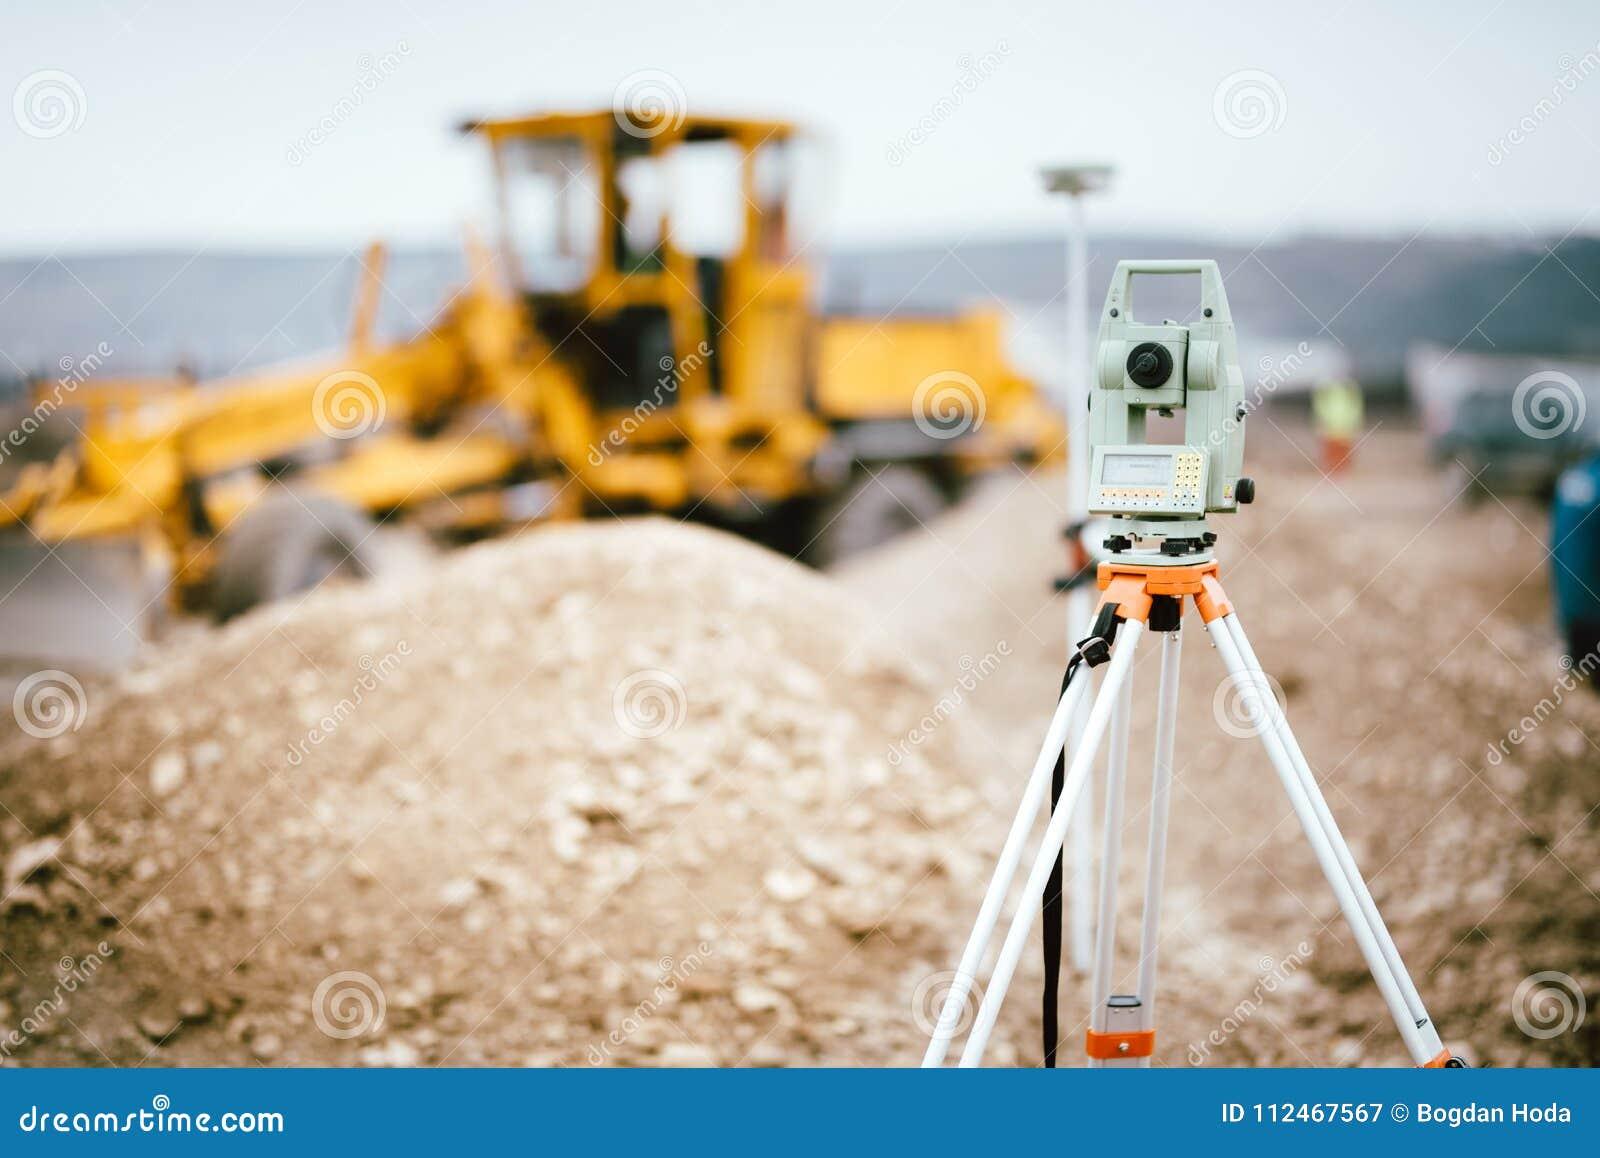 Het systeem of de theodoliet van GPS van het landmetersmateriaal in openlucht bij wegbouwwerf Landmeterstechniek met totale post